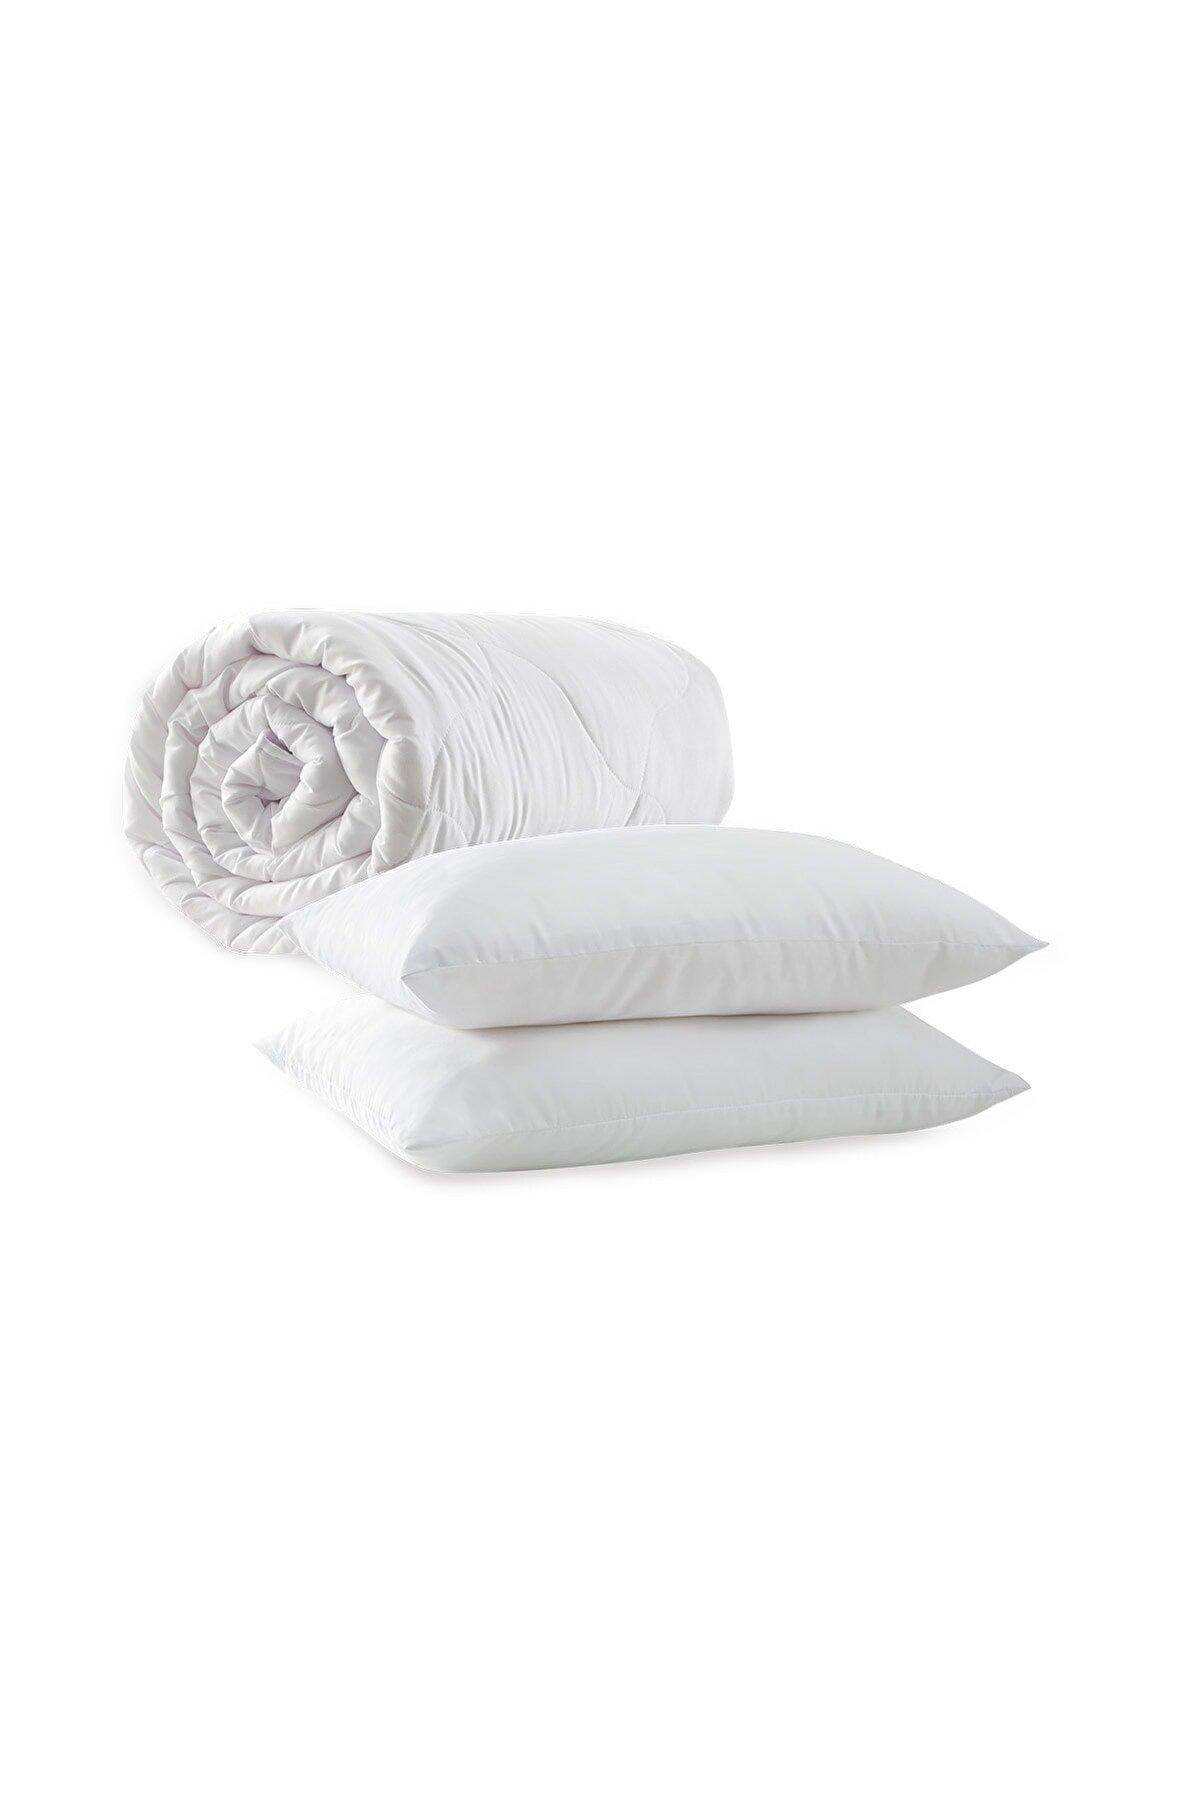 Yataş Handy Roll Pack Çift Kişilik Yastık&yorgan Seti